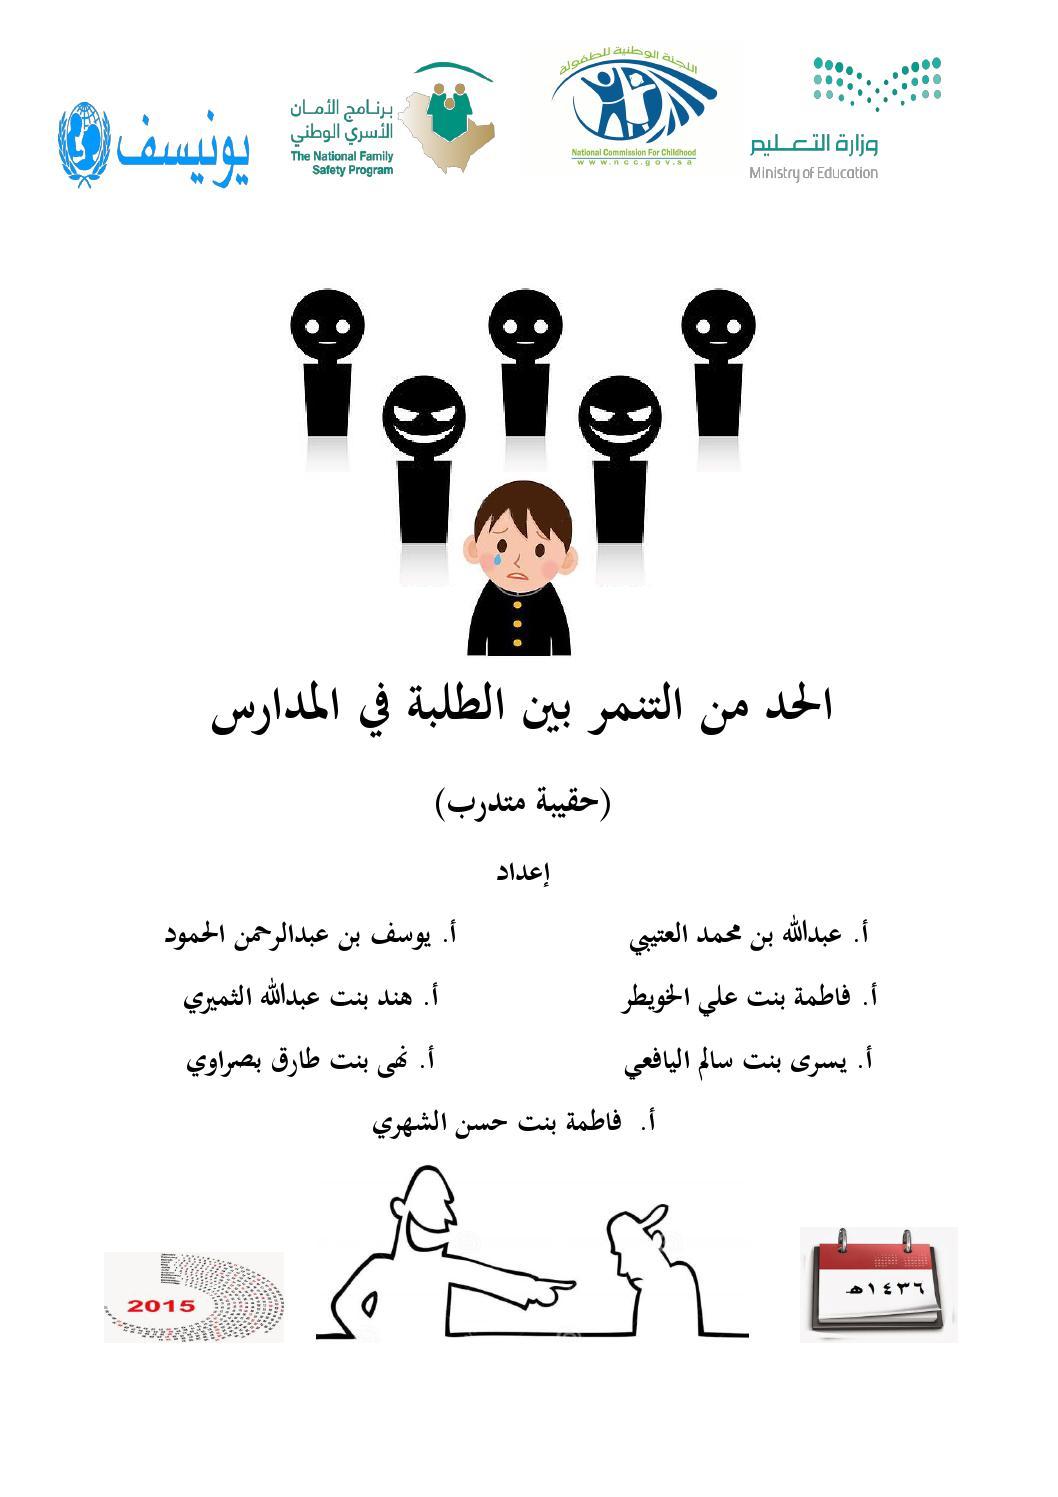 حقيبة المتدرب للحد من ظاهرة التنمر في المدارس By Maha 123 Issuu